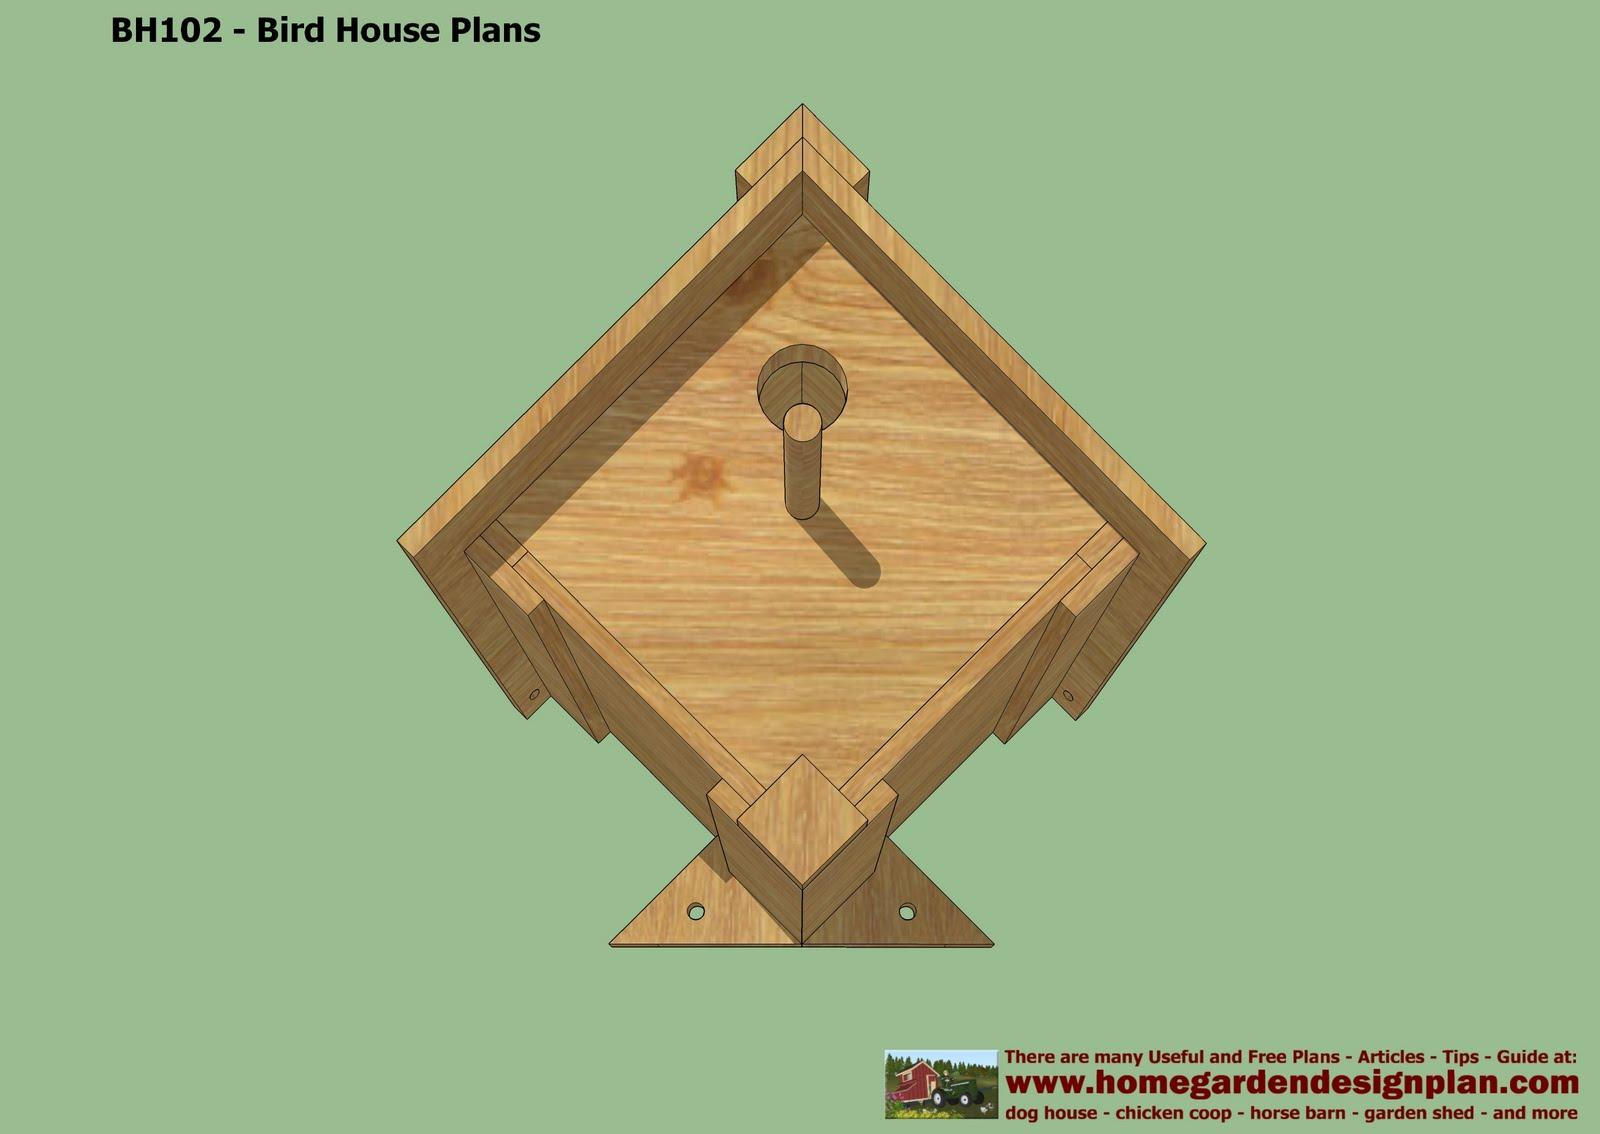 Home Garden Plans Bh102 Bird House Plans Construction